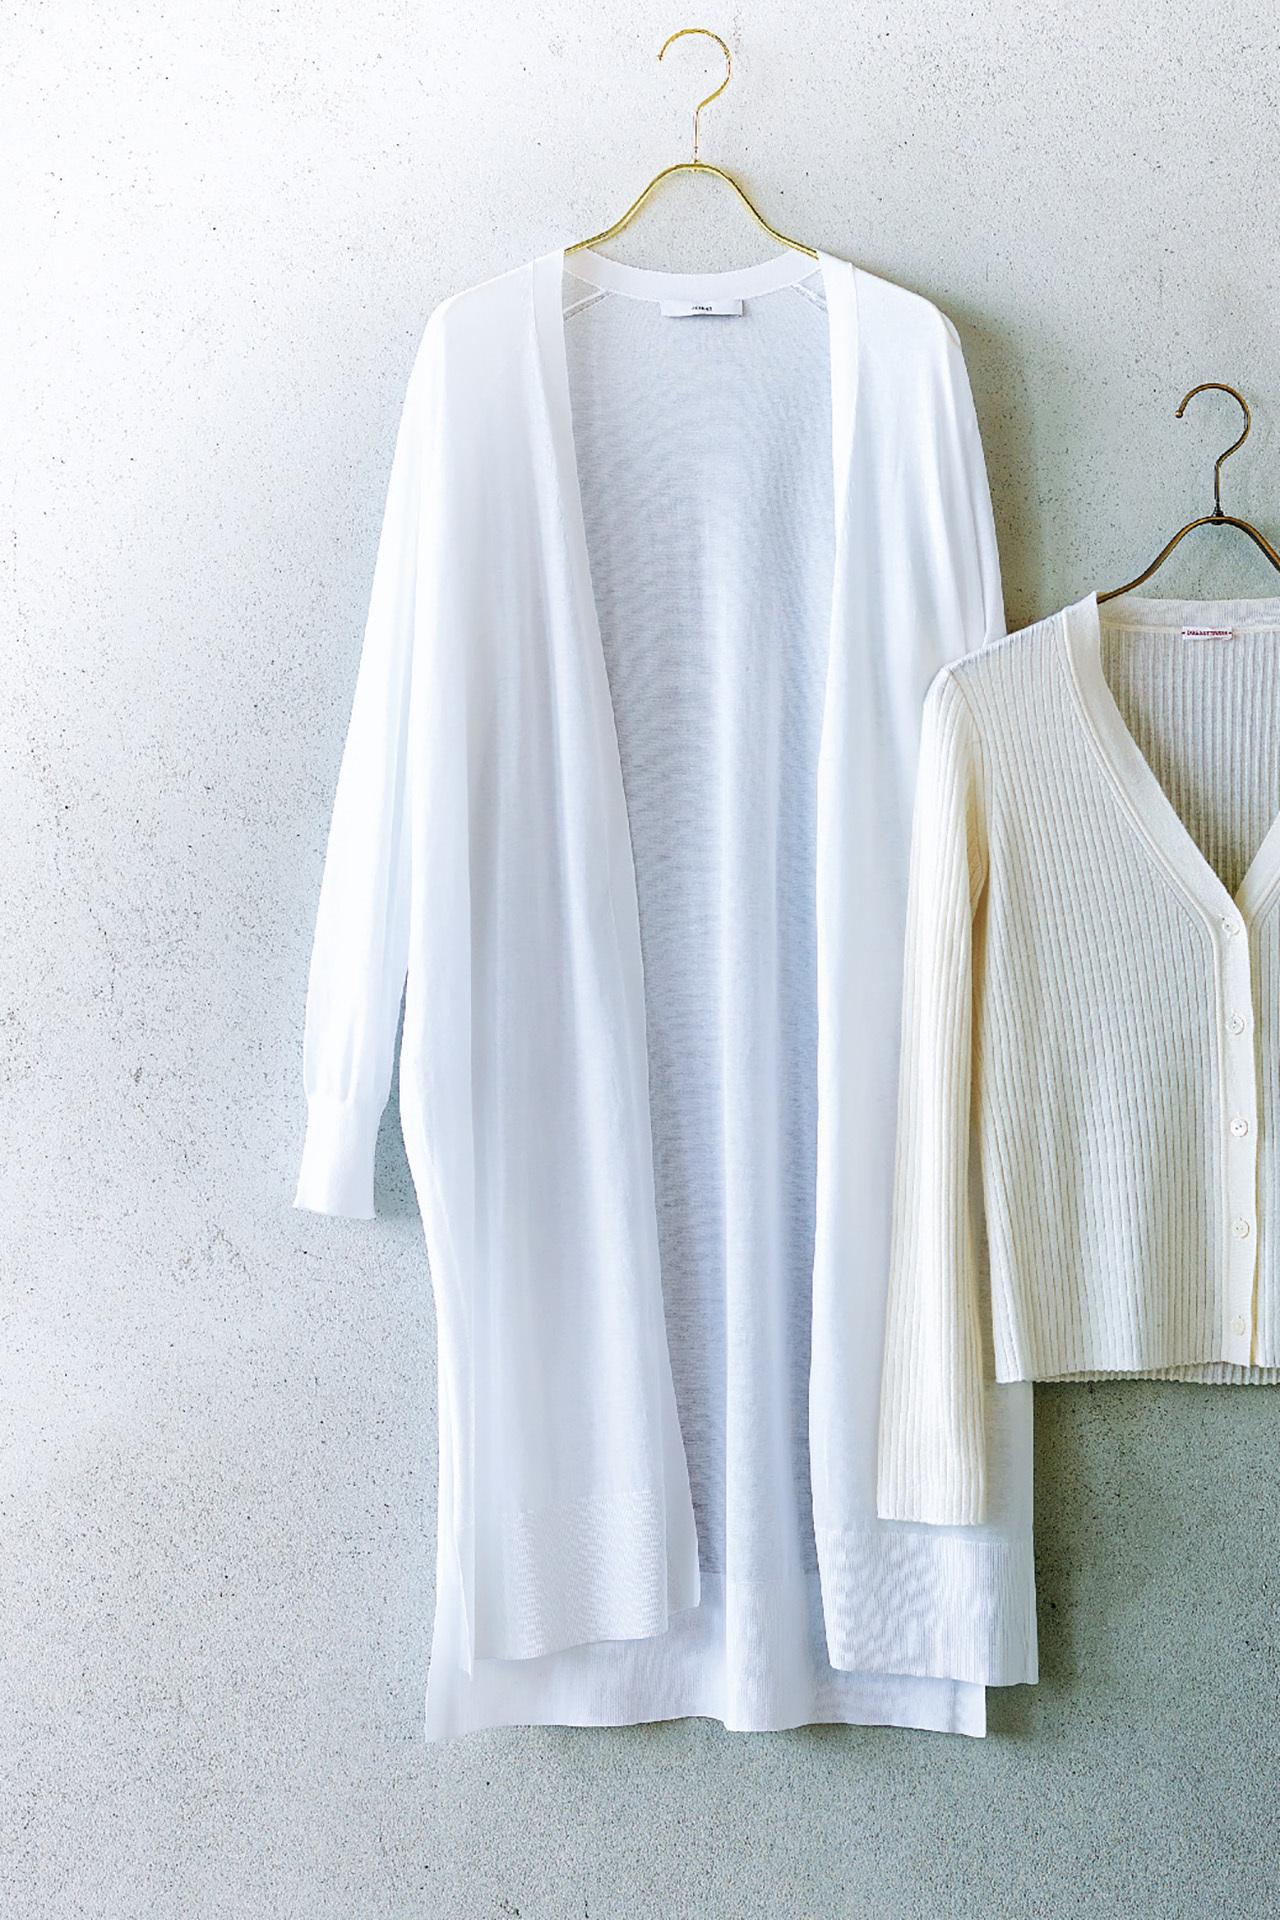 この季節、何はなくとも必要な優秀服は「白いロングカーディガン」 五選_1_1